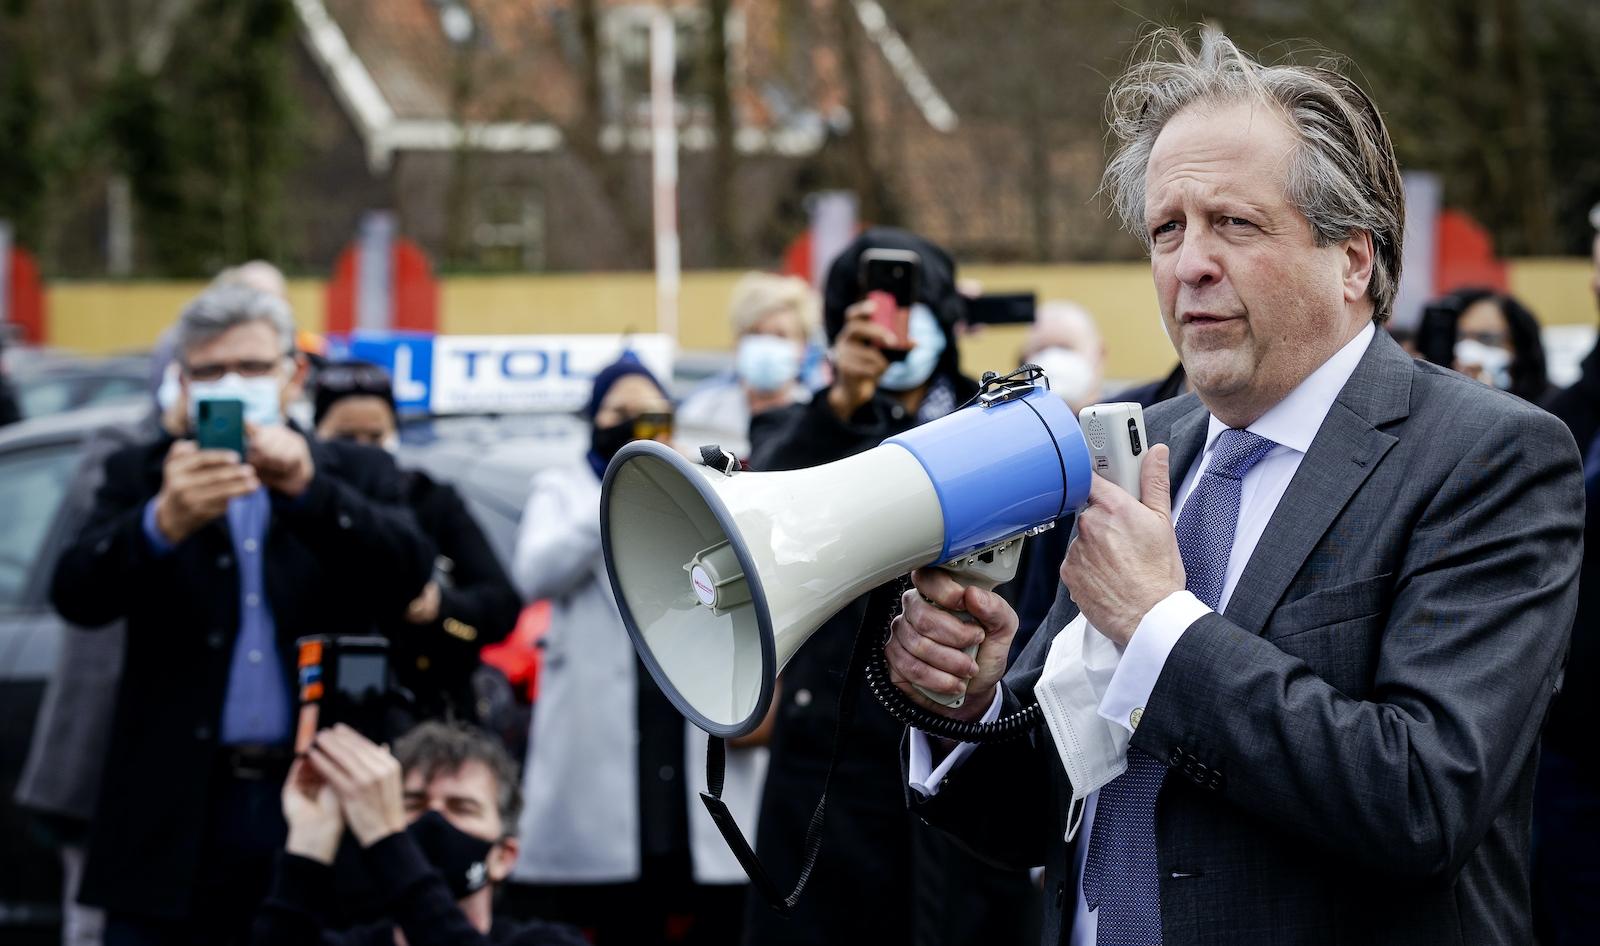 Alexander Pechtold CBR protest Den Haag corona maatregelen lockdown persconferentie Rutte